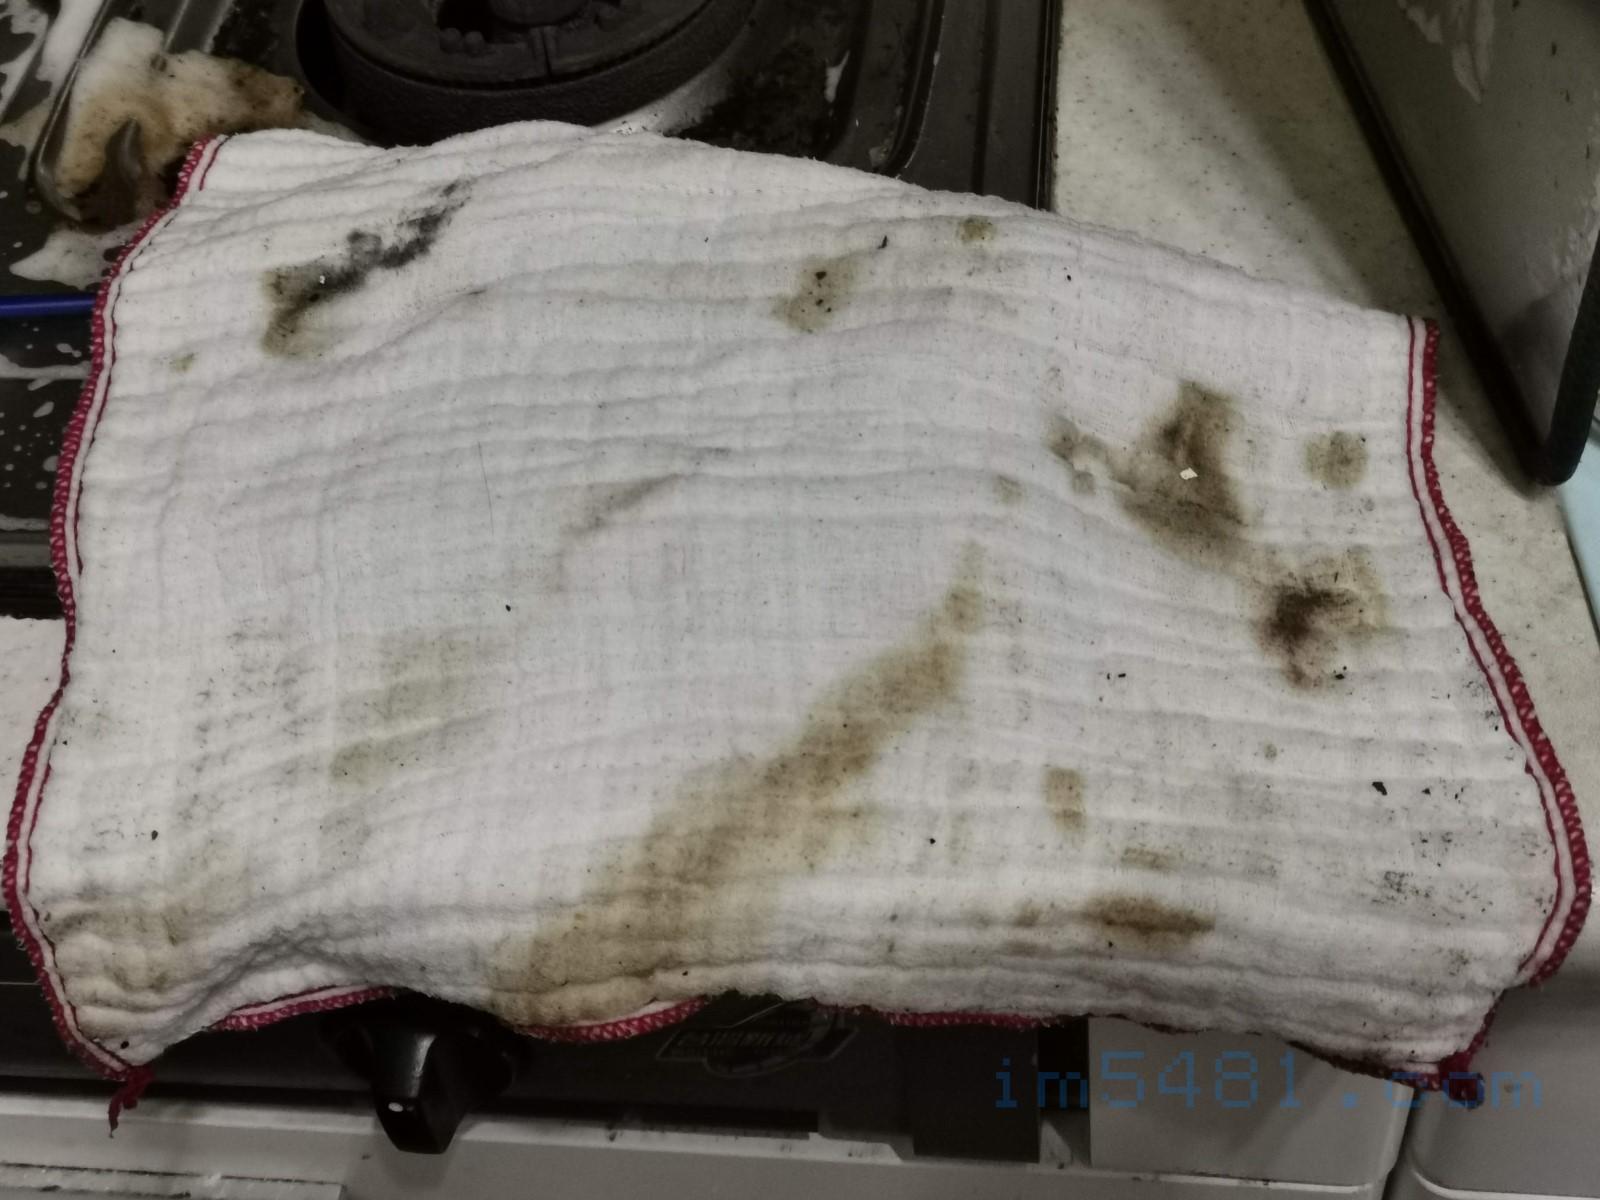 抹布吸收了大量油垢